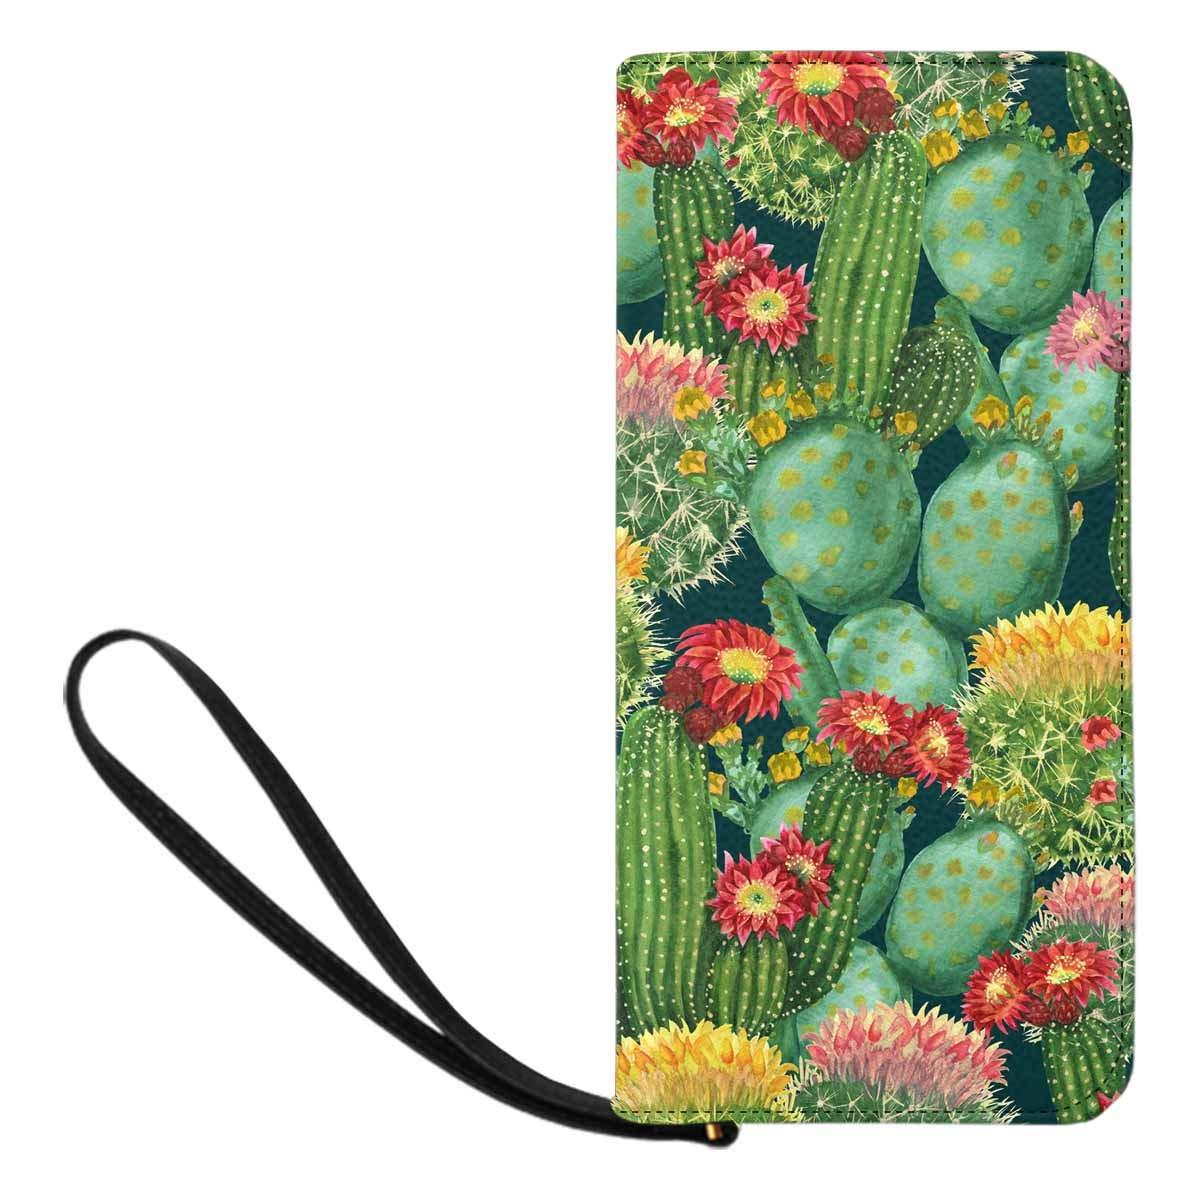 InterestPrint Womens Blooming Cactus on Dark Green Clutch Purse Card Holder Organizer Ladies Purse